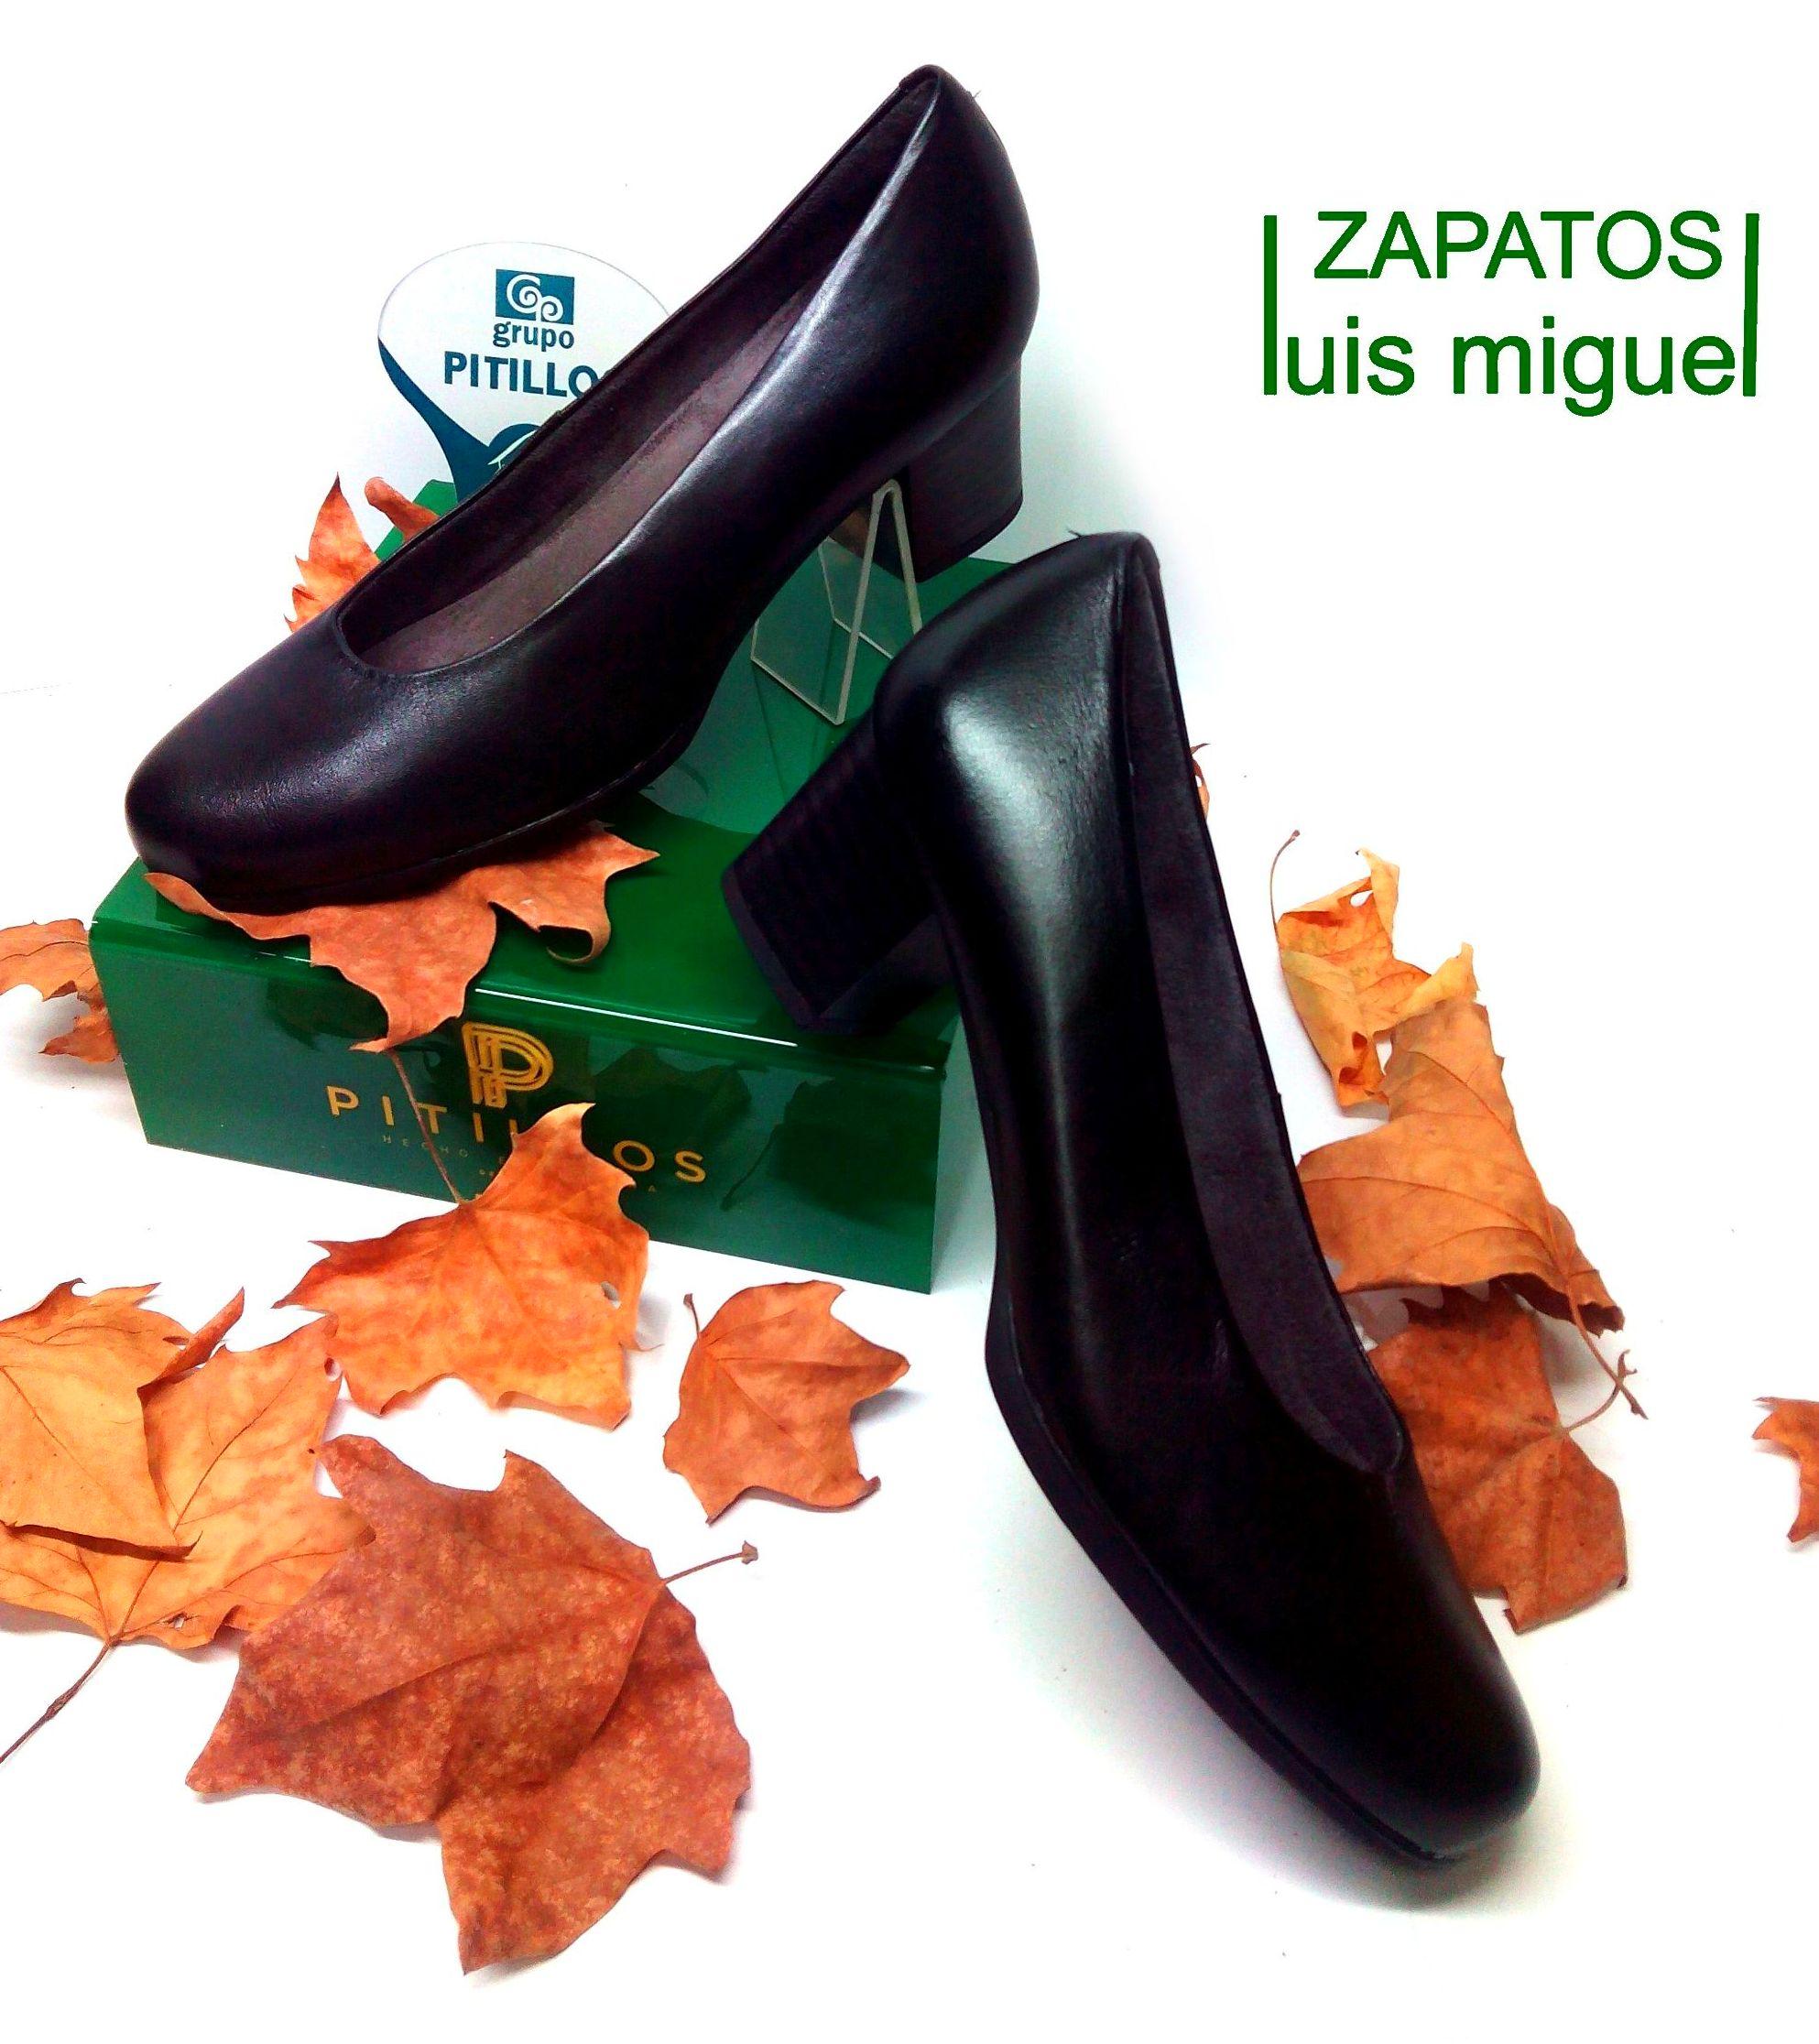 zapato de salon: Catalogo de productos de Zapatos Luis Miguel